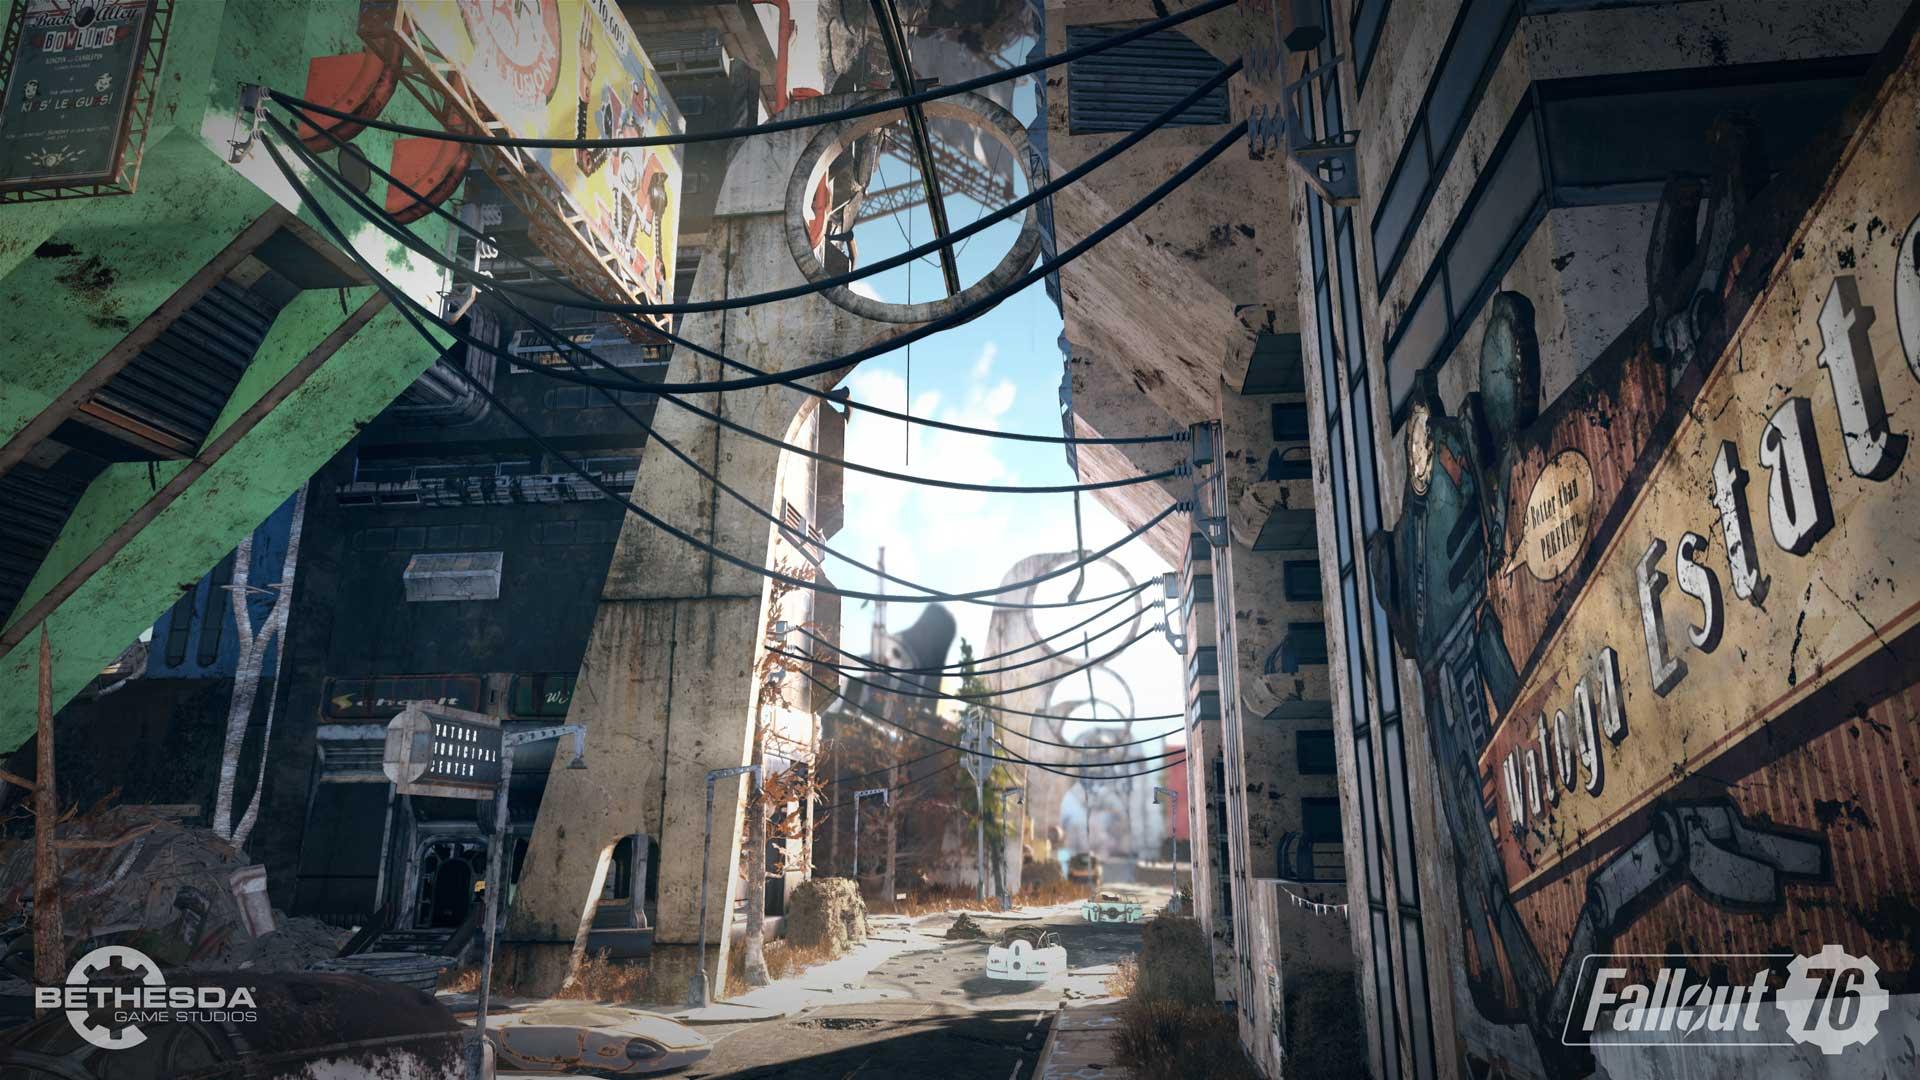 Fallout 76 landscape